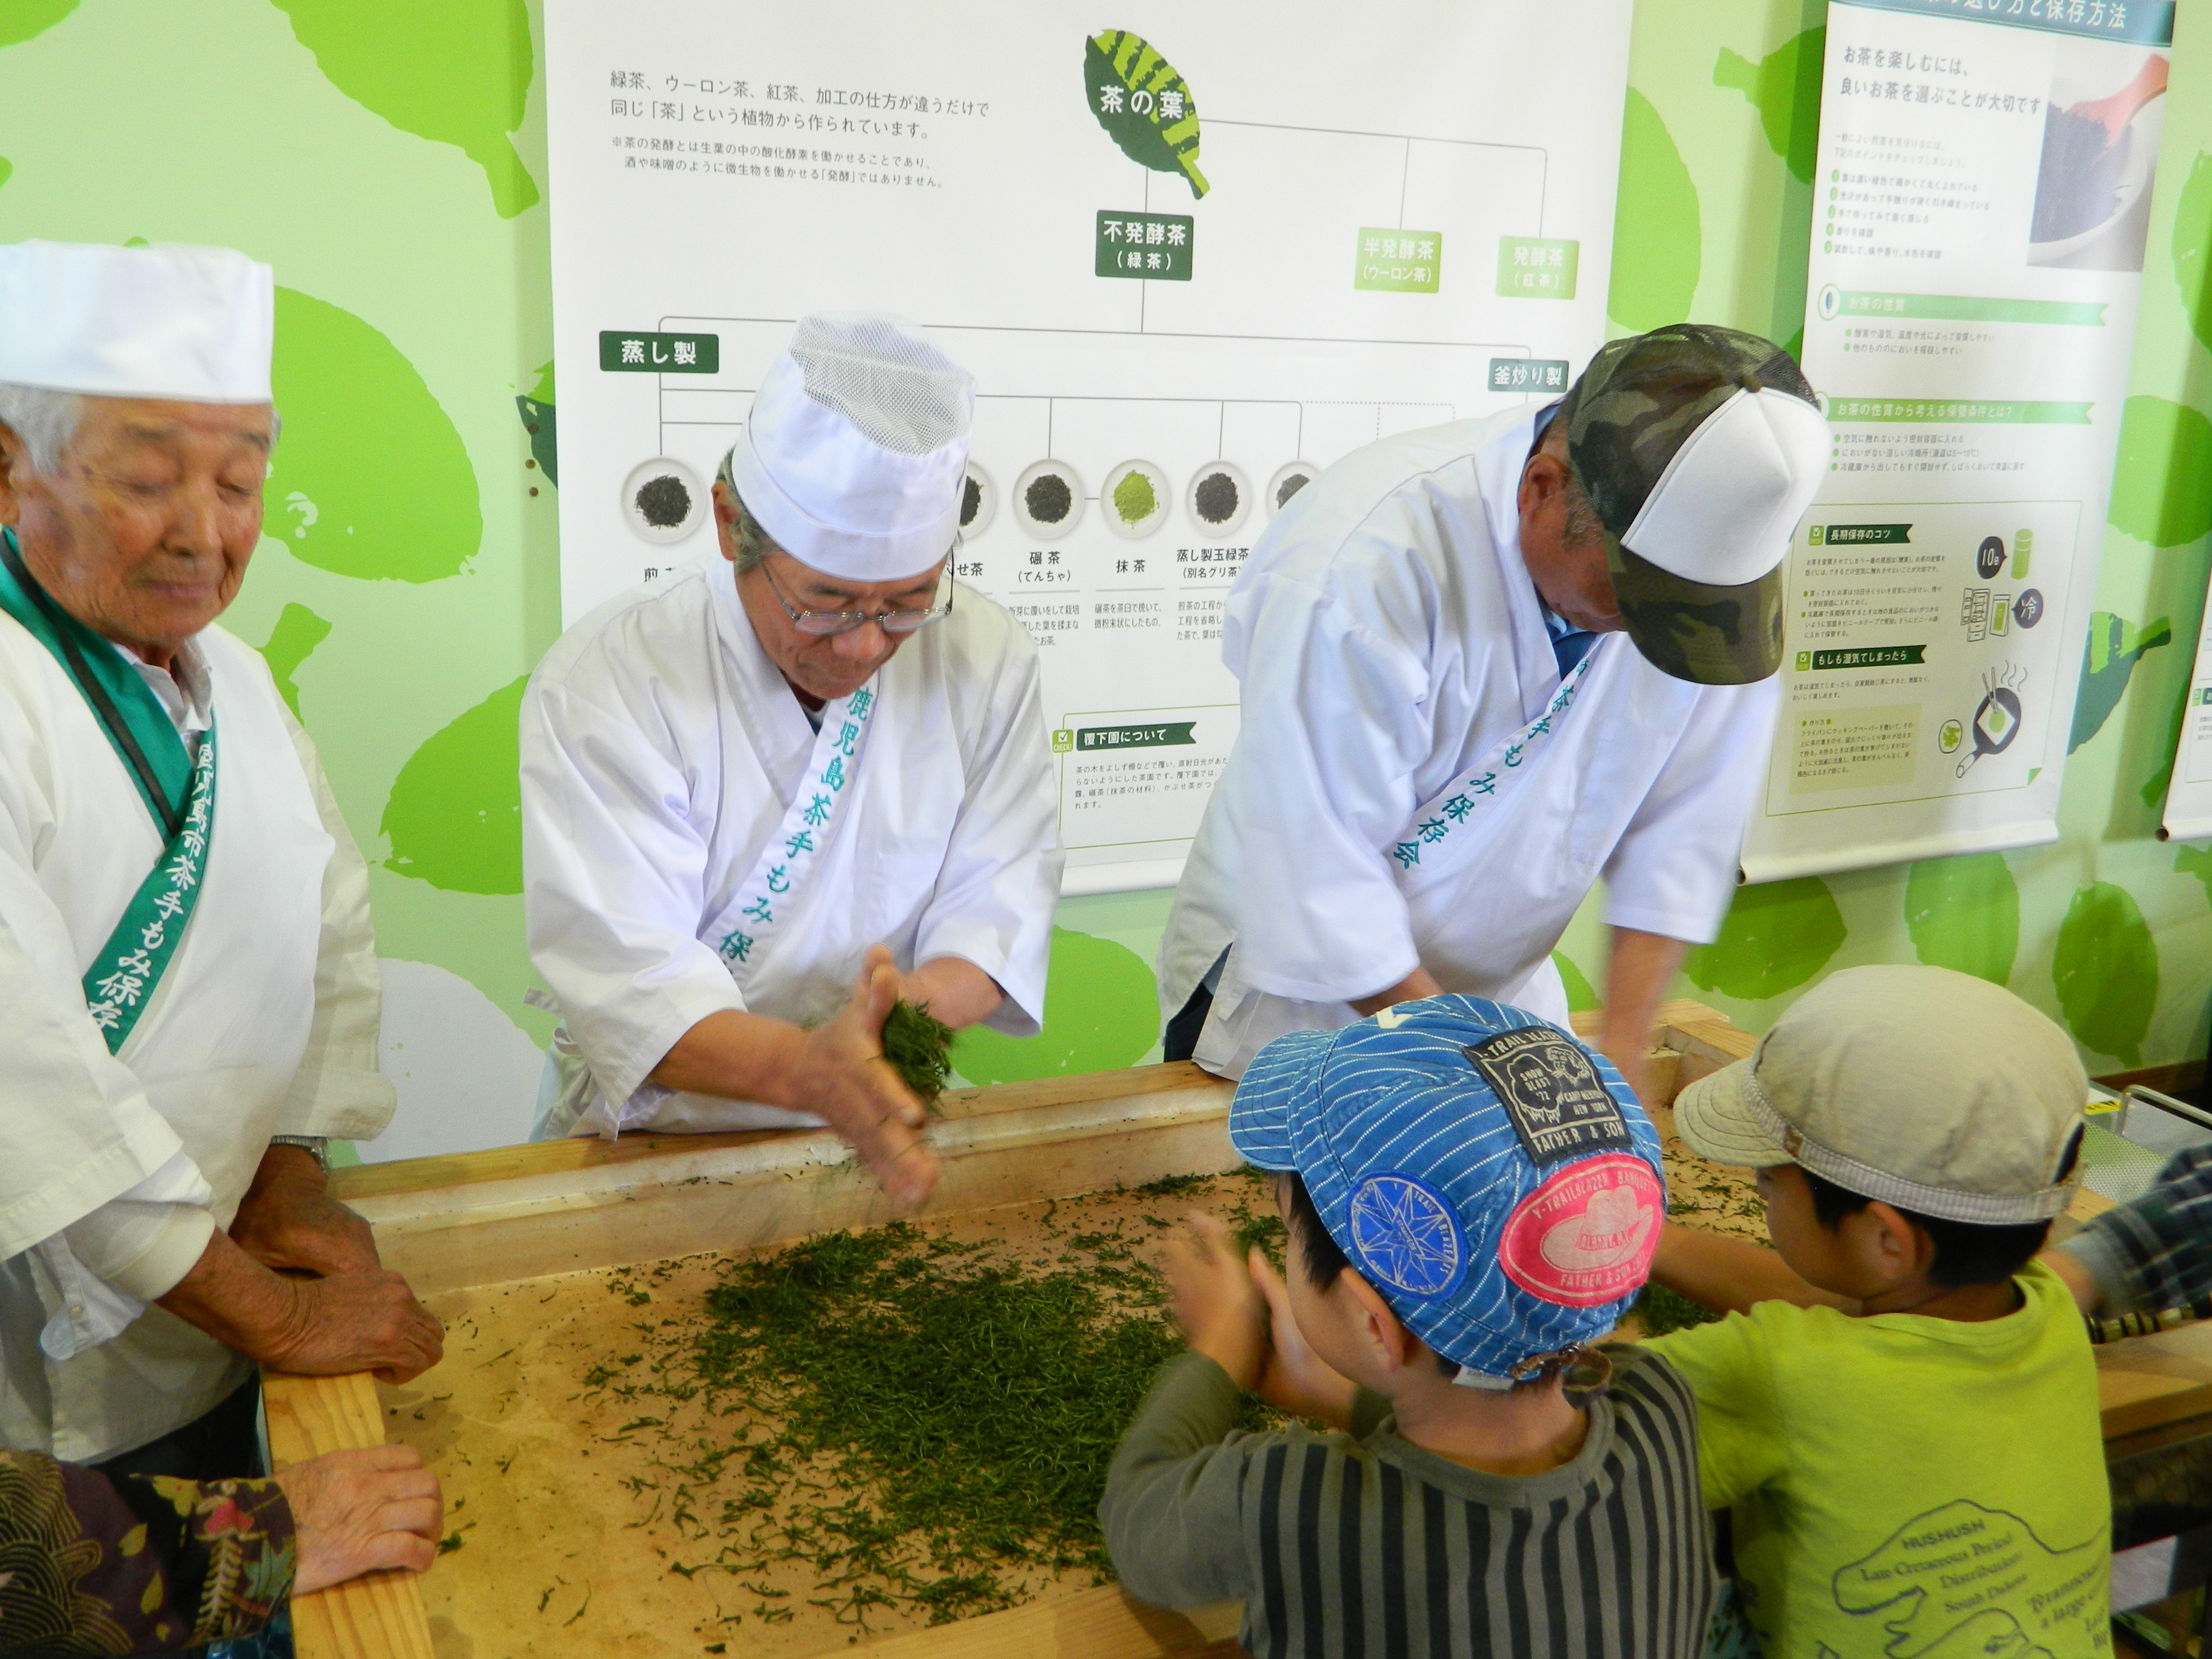 都市農村交流センターお茶の里「4周年祭」